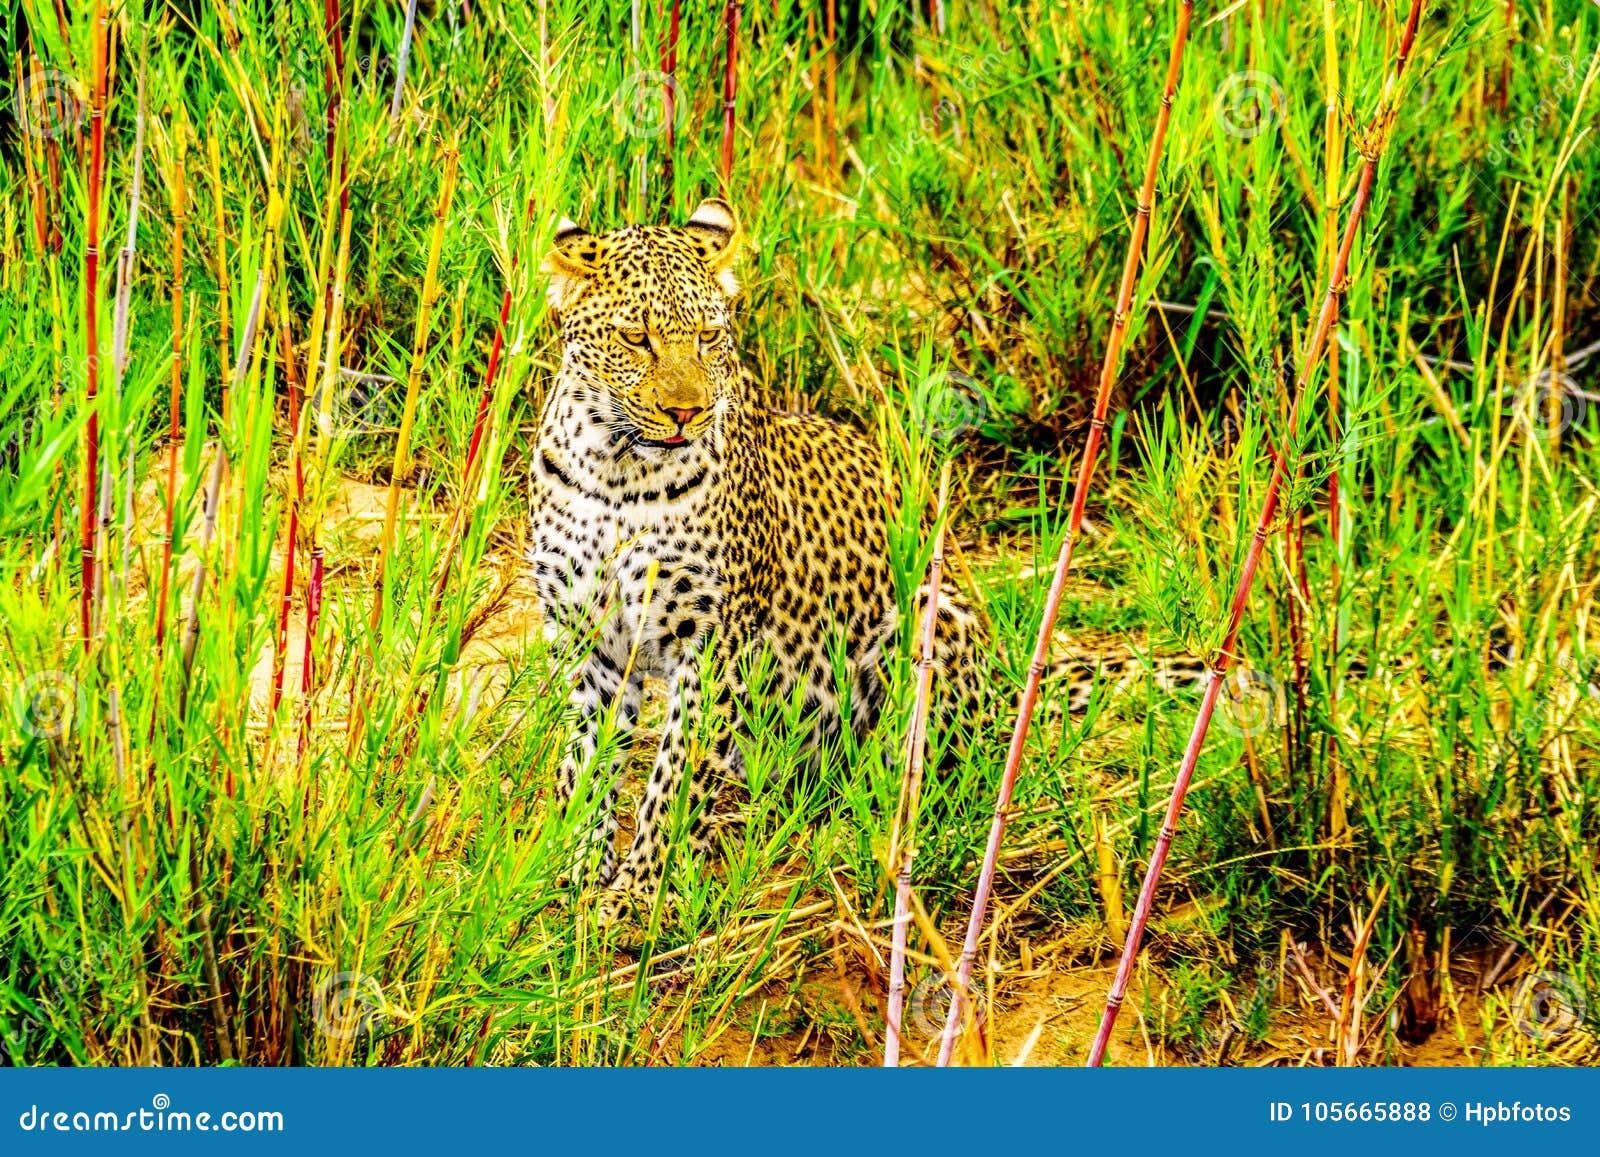 Luipaard in het Hoge Gras langs de Olifant-Rivier in het Nationale Park van Kruger